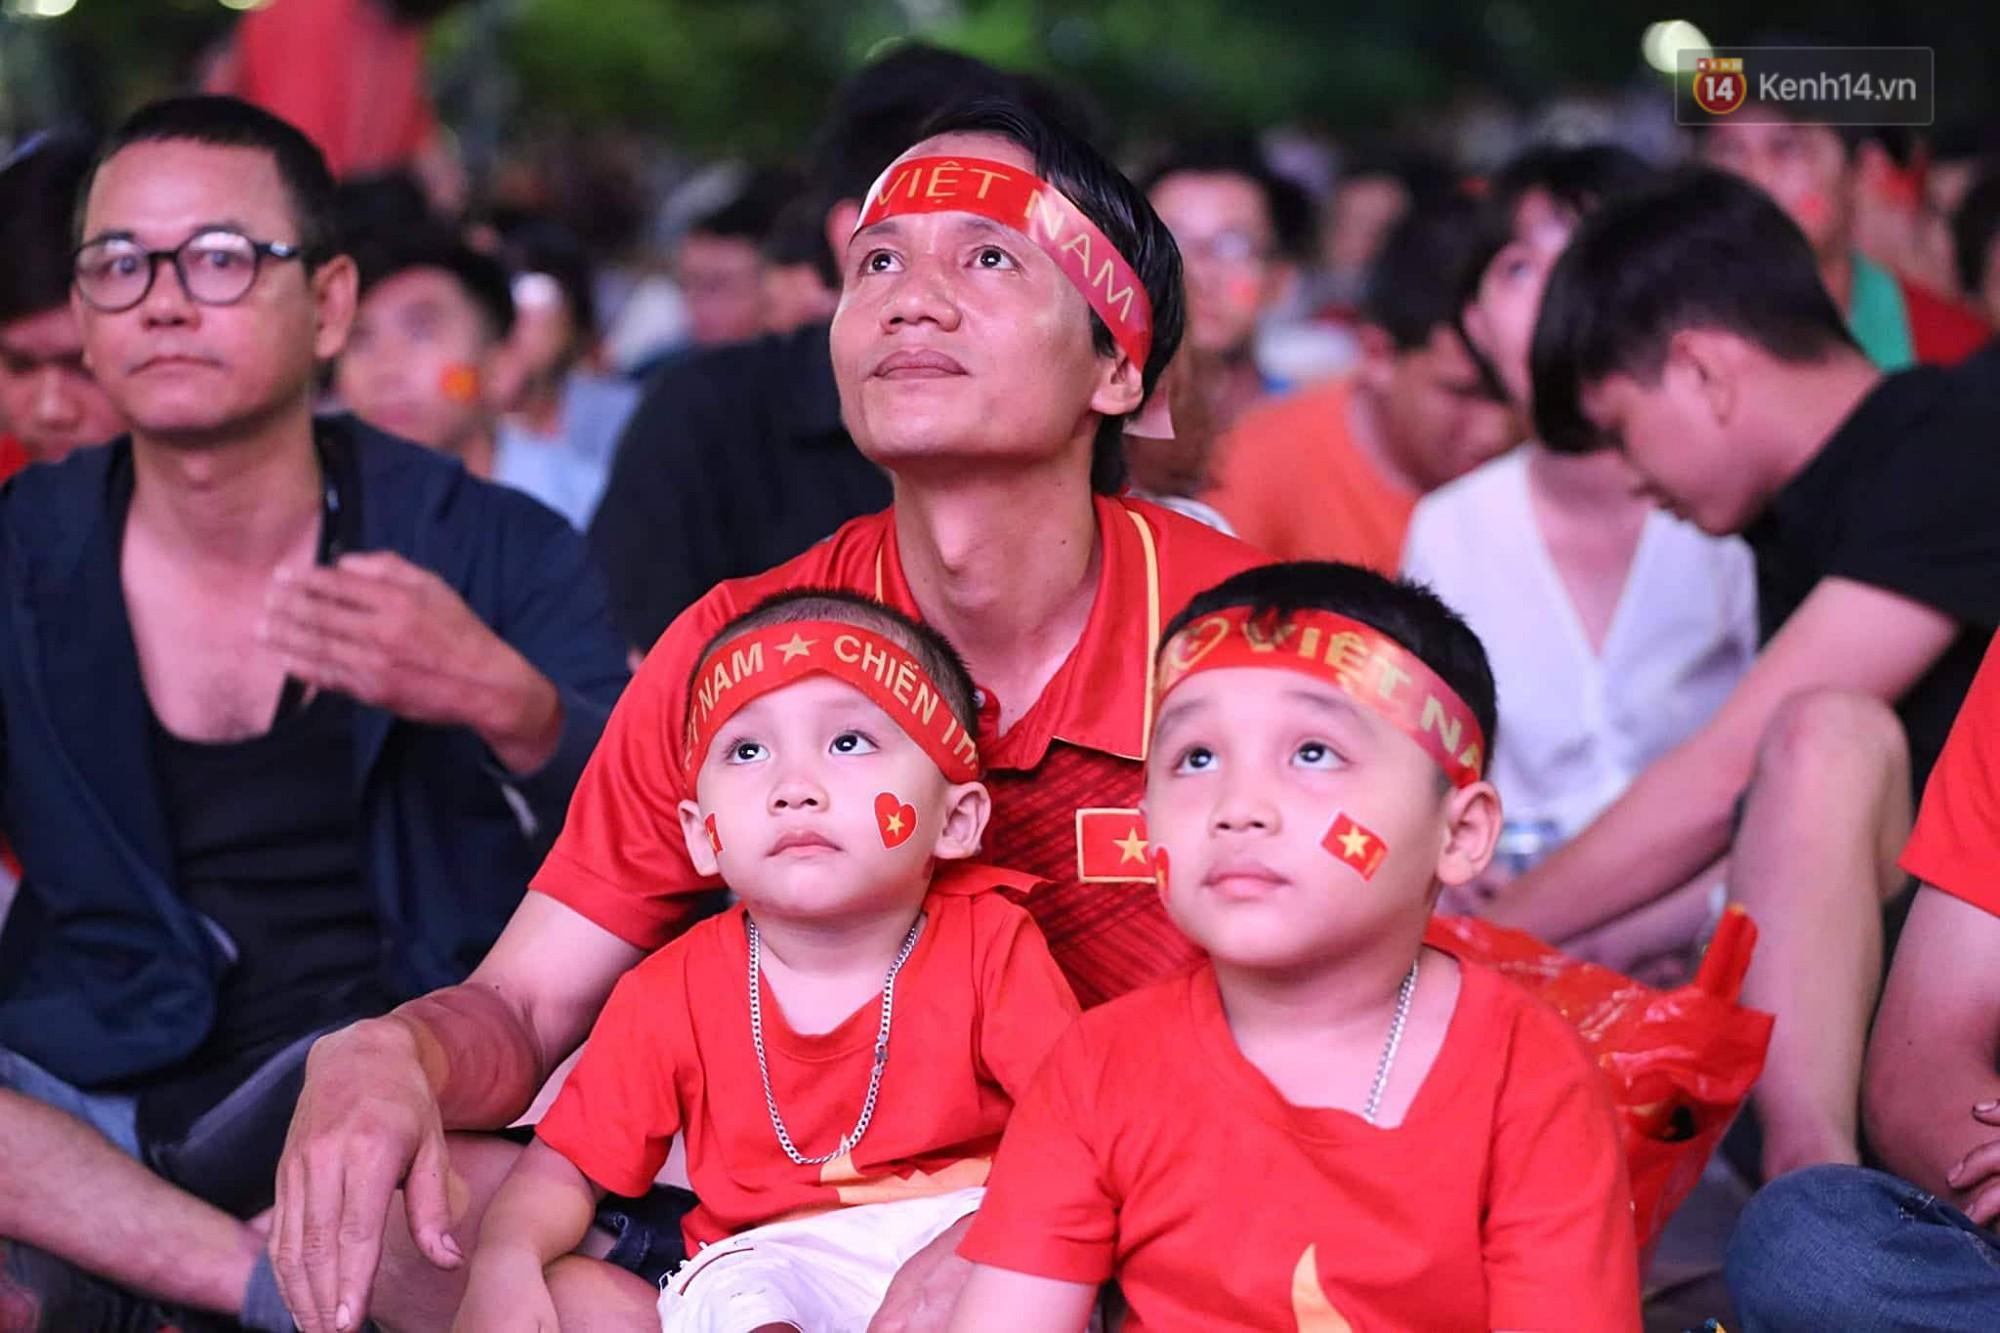 Nhìn lại chuỗi cảm xúc biến động của CĐV Việt Nam trong trận thắng ngộp thở 1-0 trước Thái Lan - Ảnh 2.